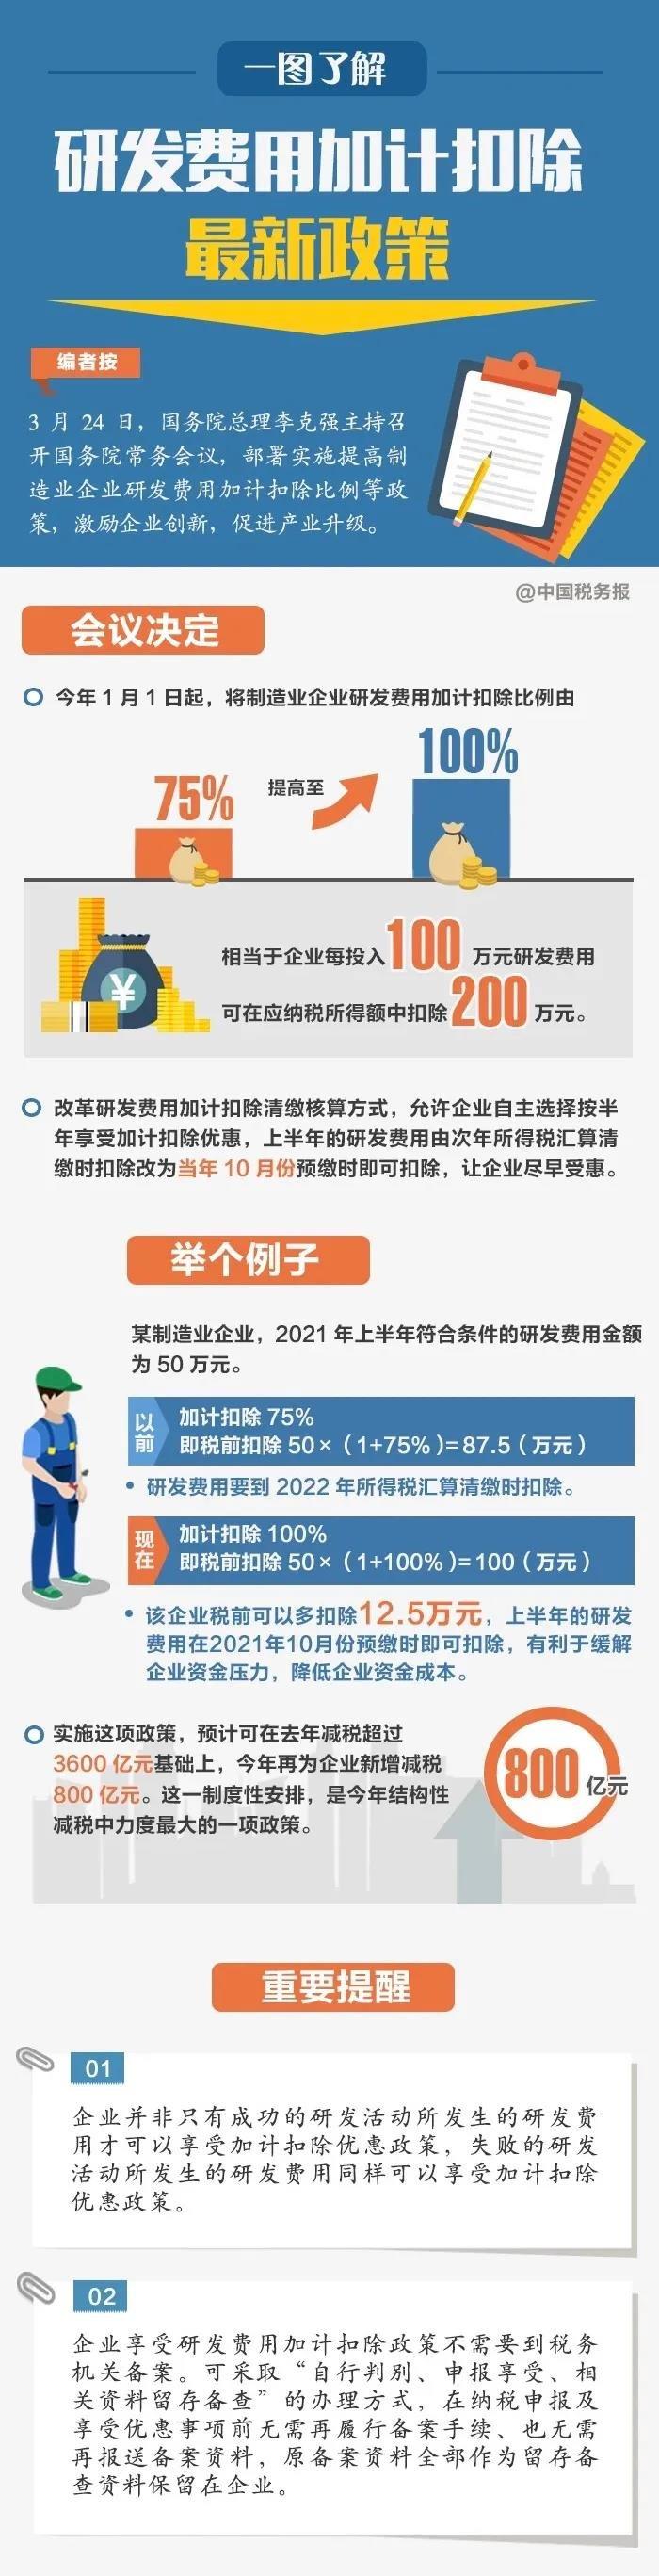 %E5%BE%AE%E4%BF%A1%E5%9B%BE%E7%89%87_20210406112309.jpg